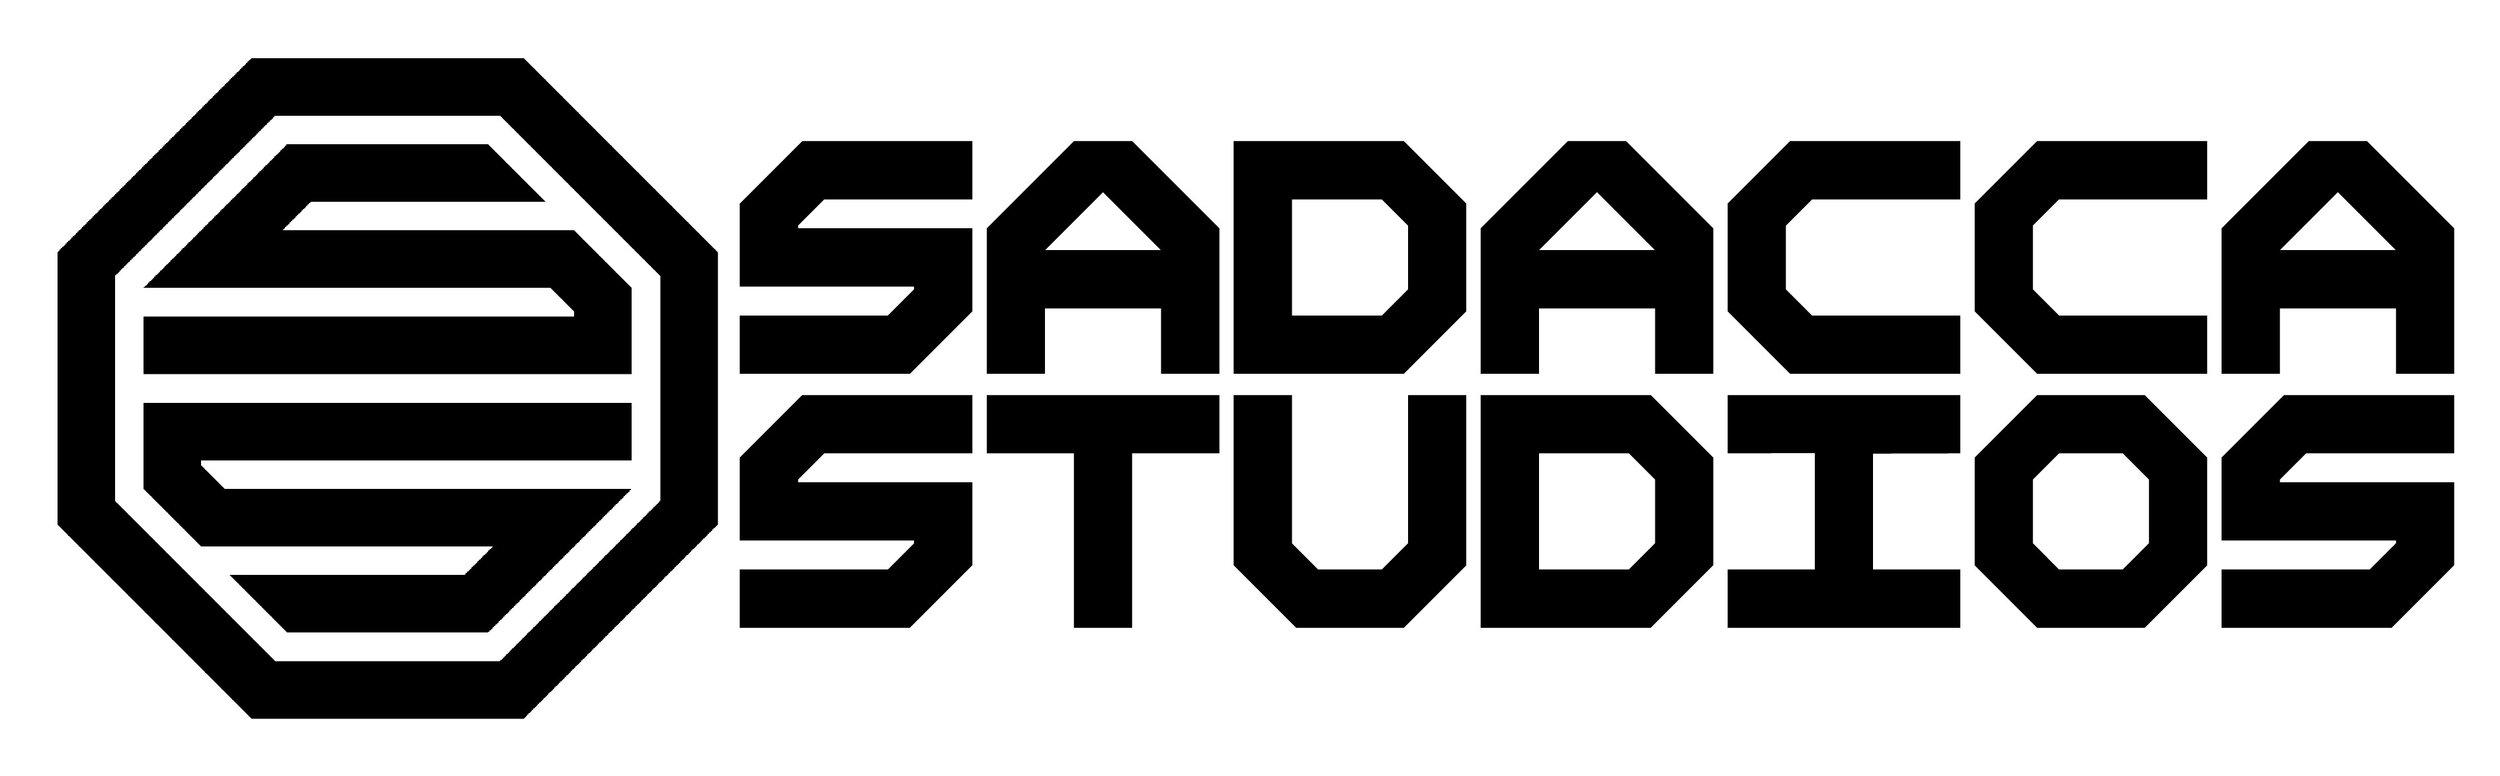 SADACCA logo long.jpg